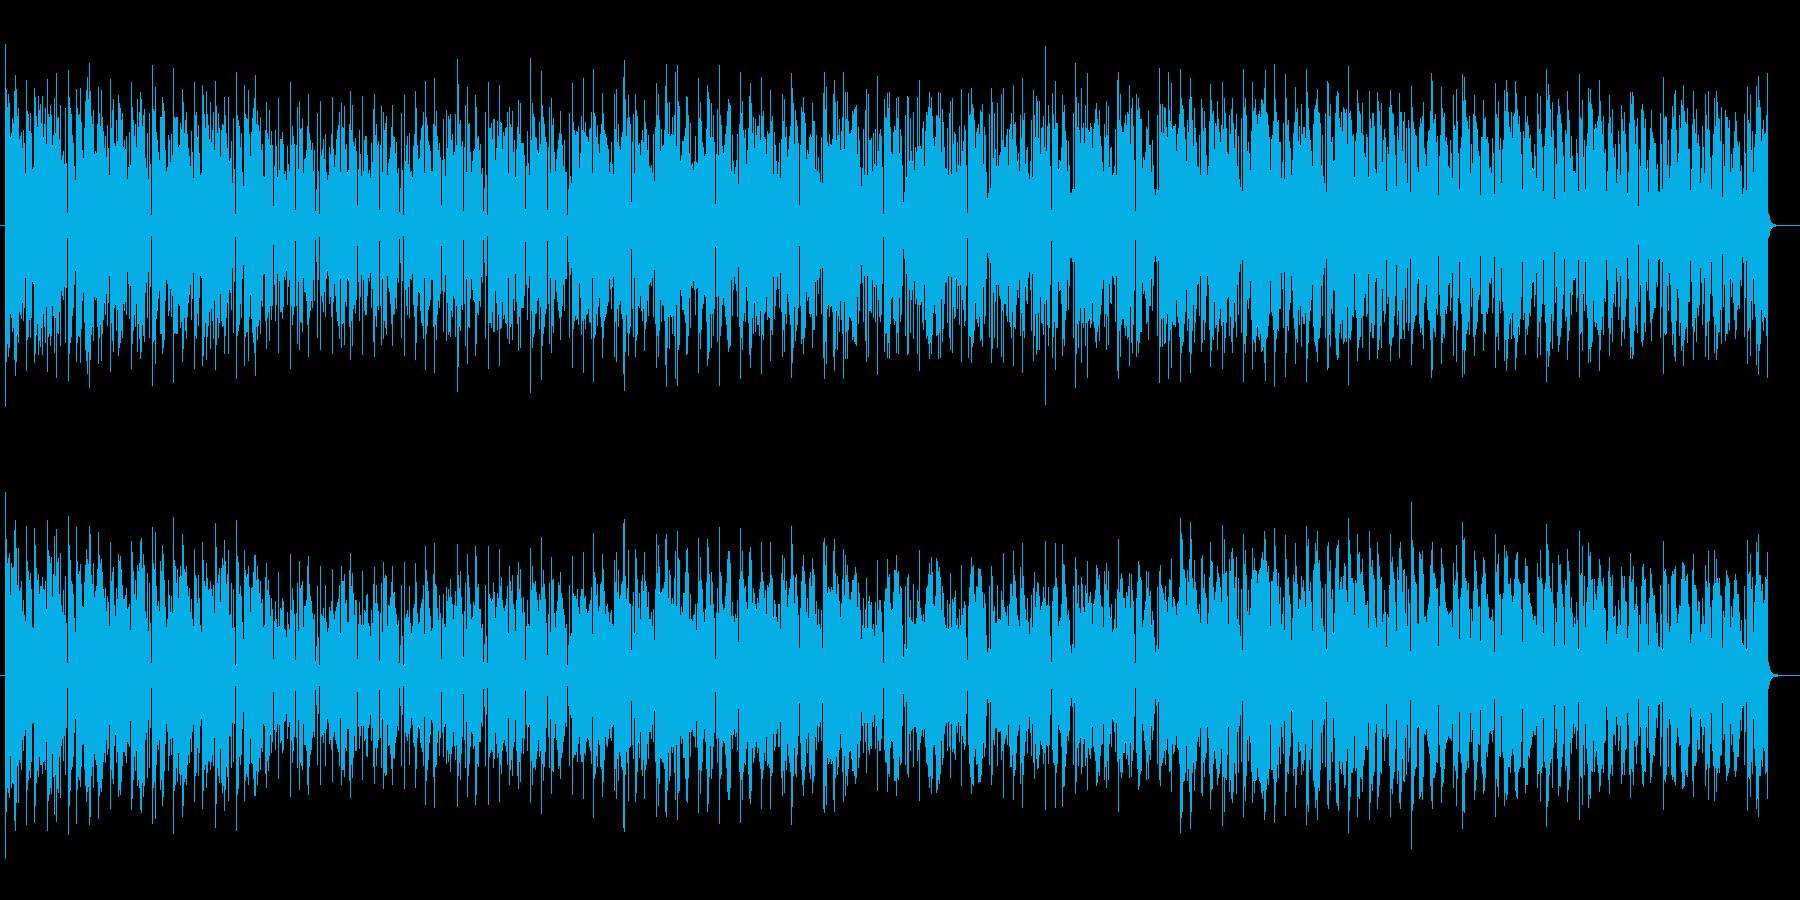 切迫感があるかっこいいミュージックの再生済みの波形